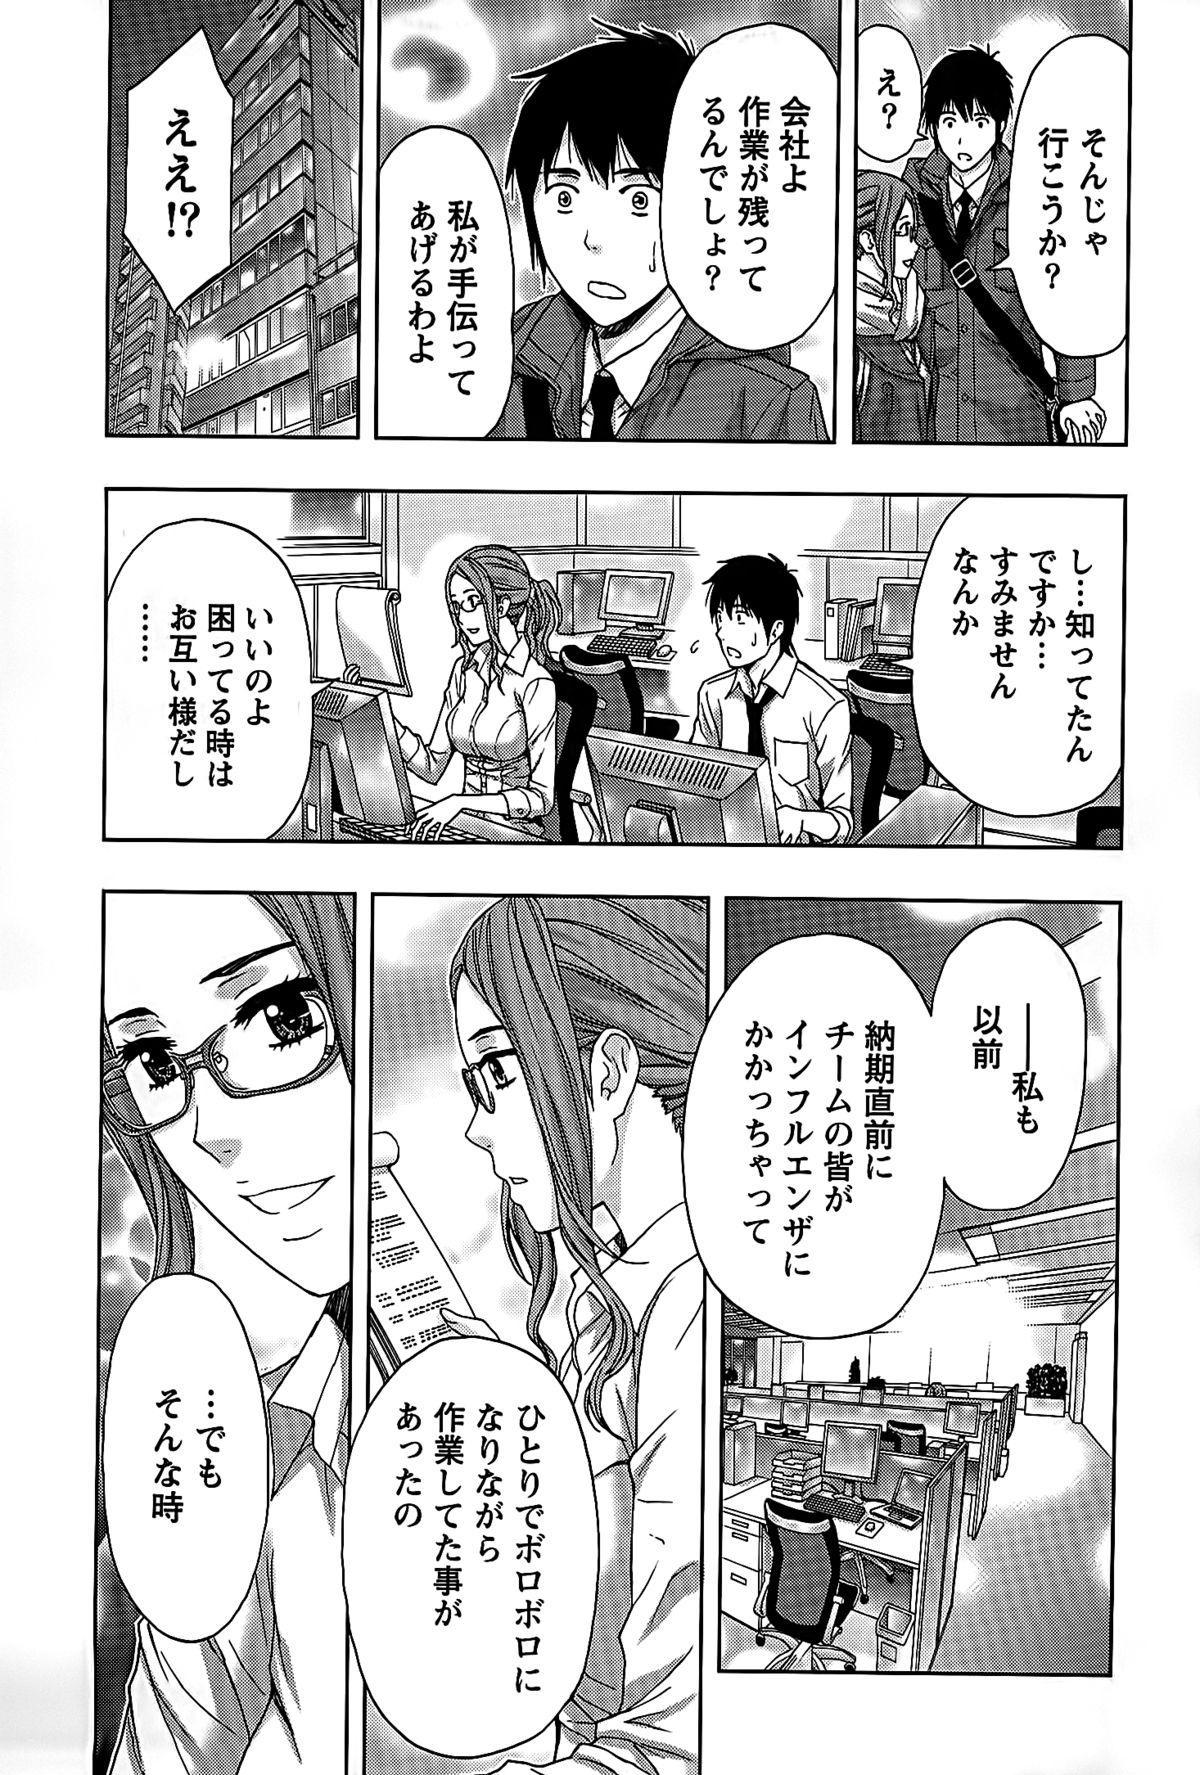 Shittori Lady to Amai Mitsu 32